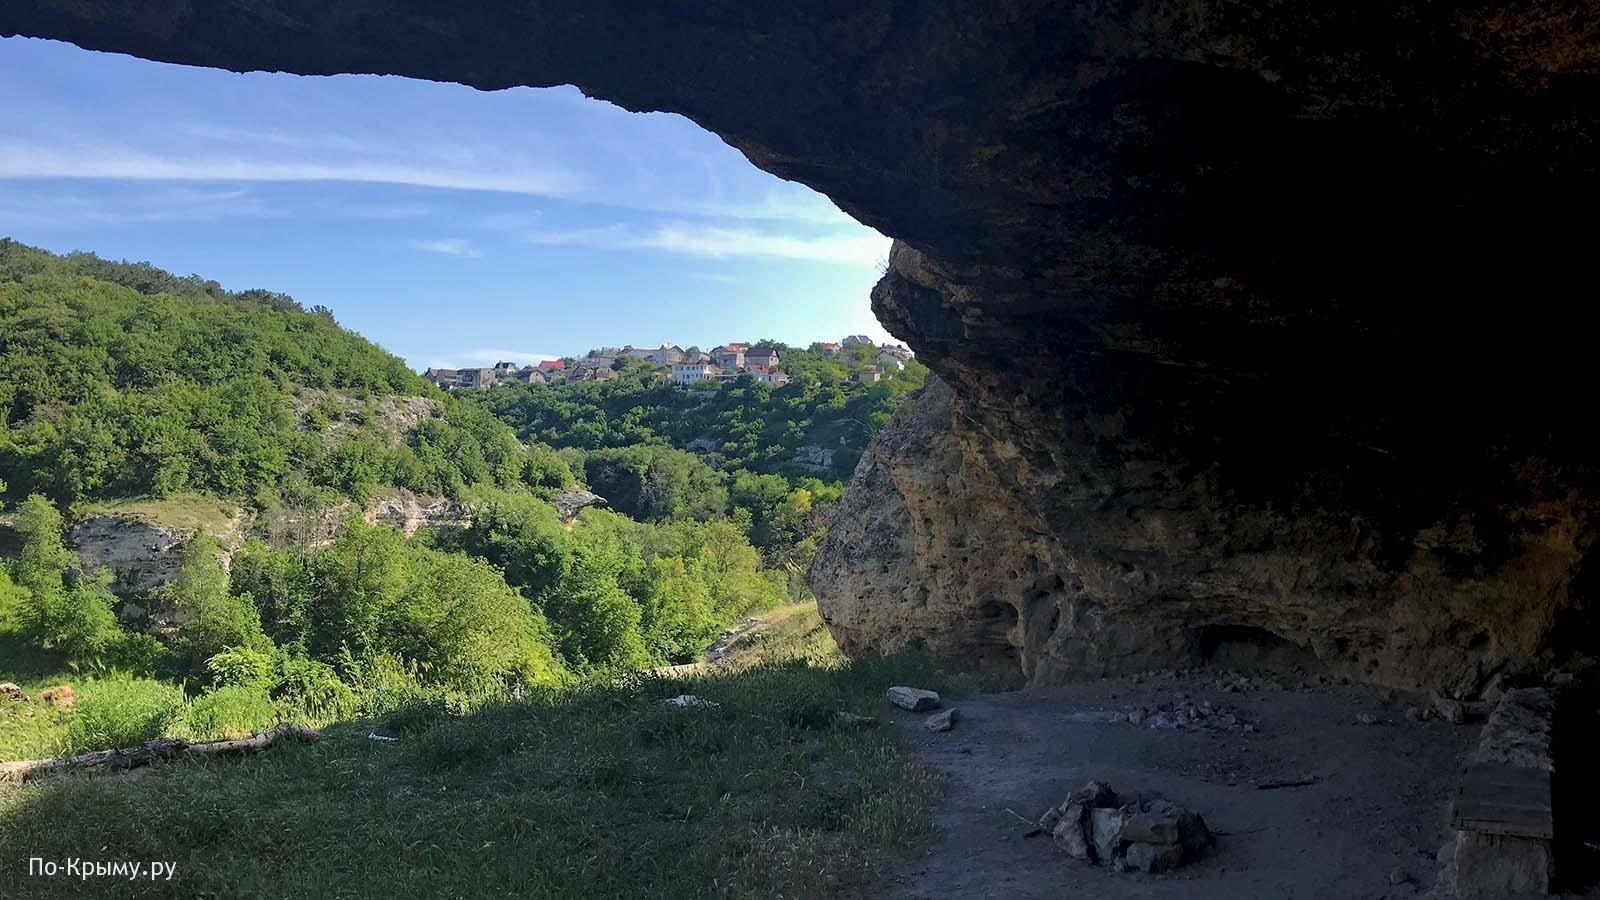 Пещера Большой Кивсяк, Суздальские высоты